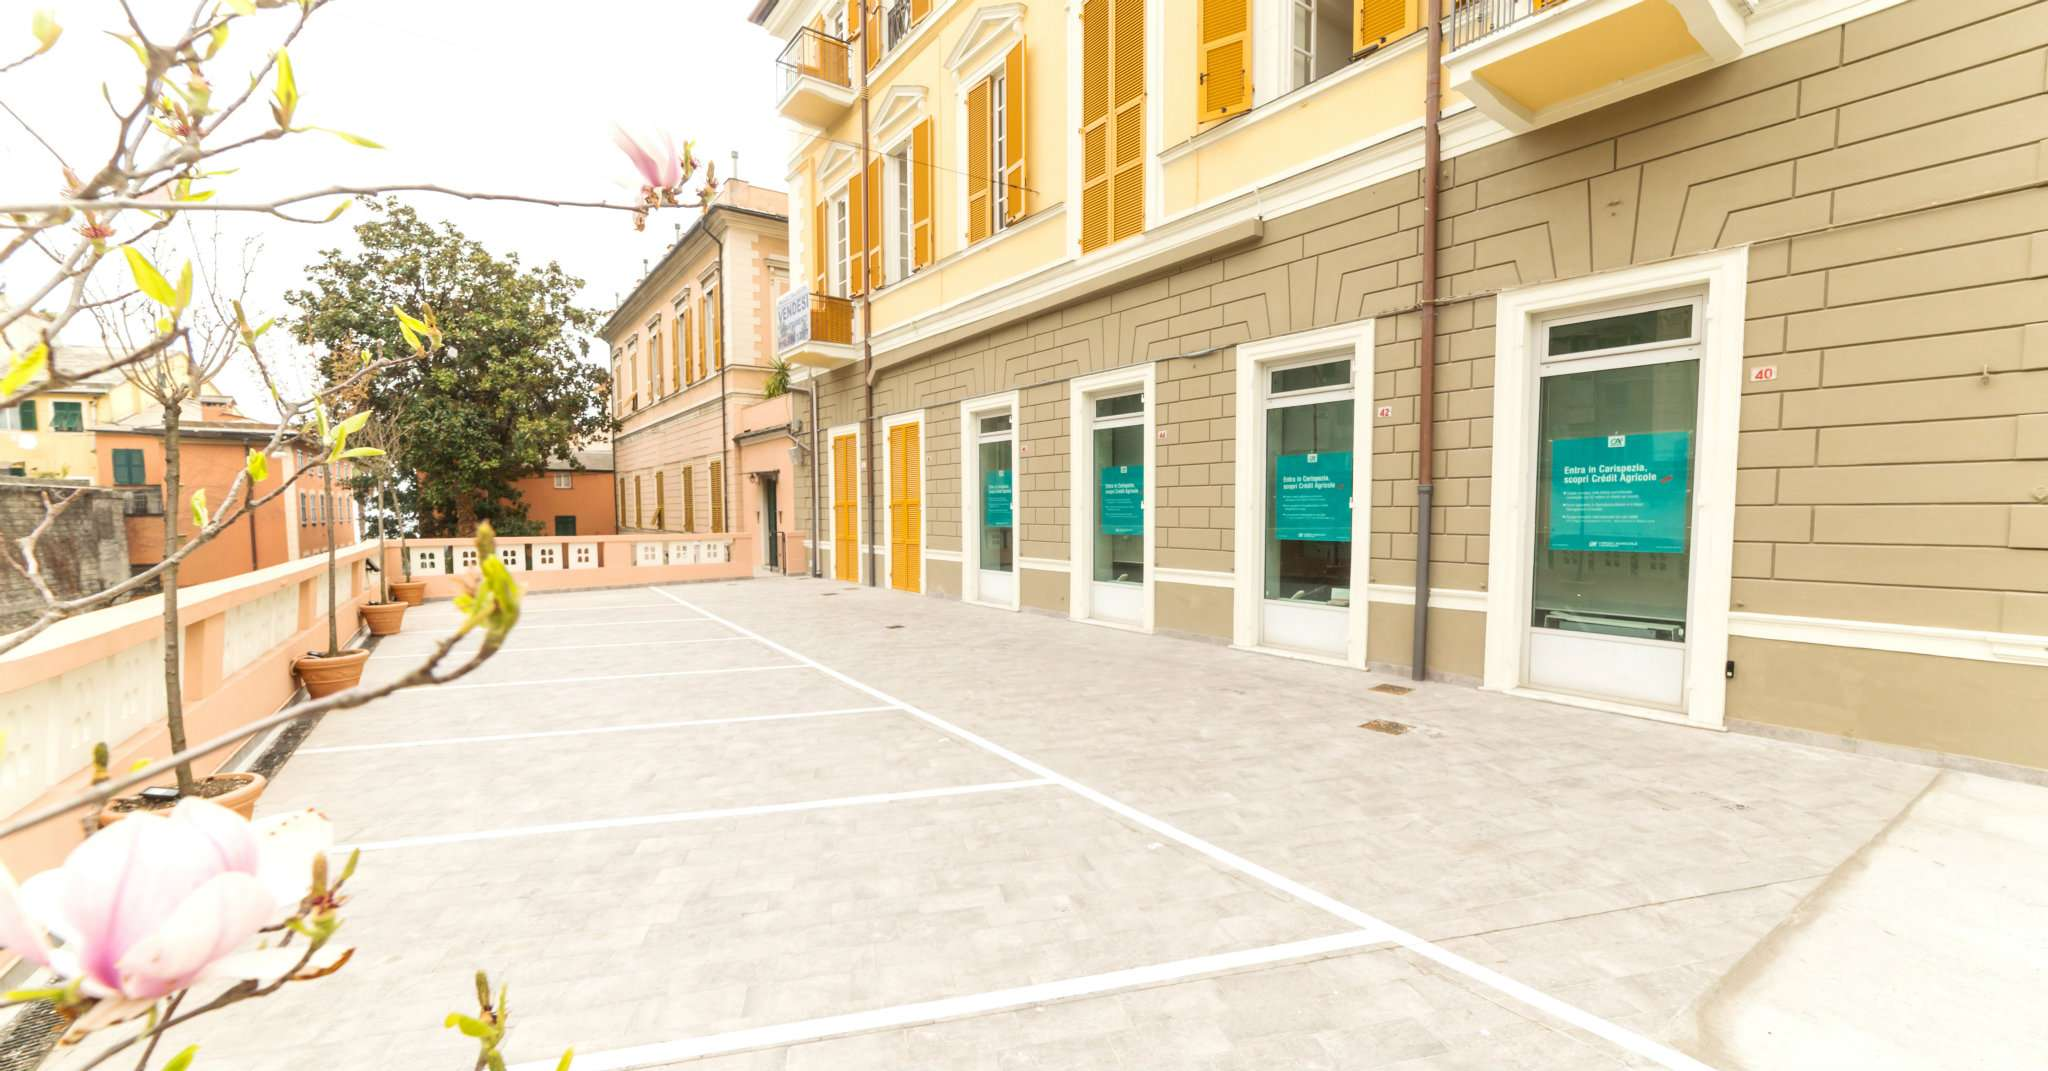 Bilocale Genova Viale Pallavicini 10